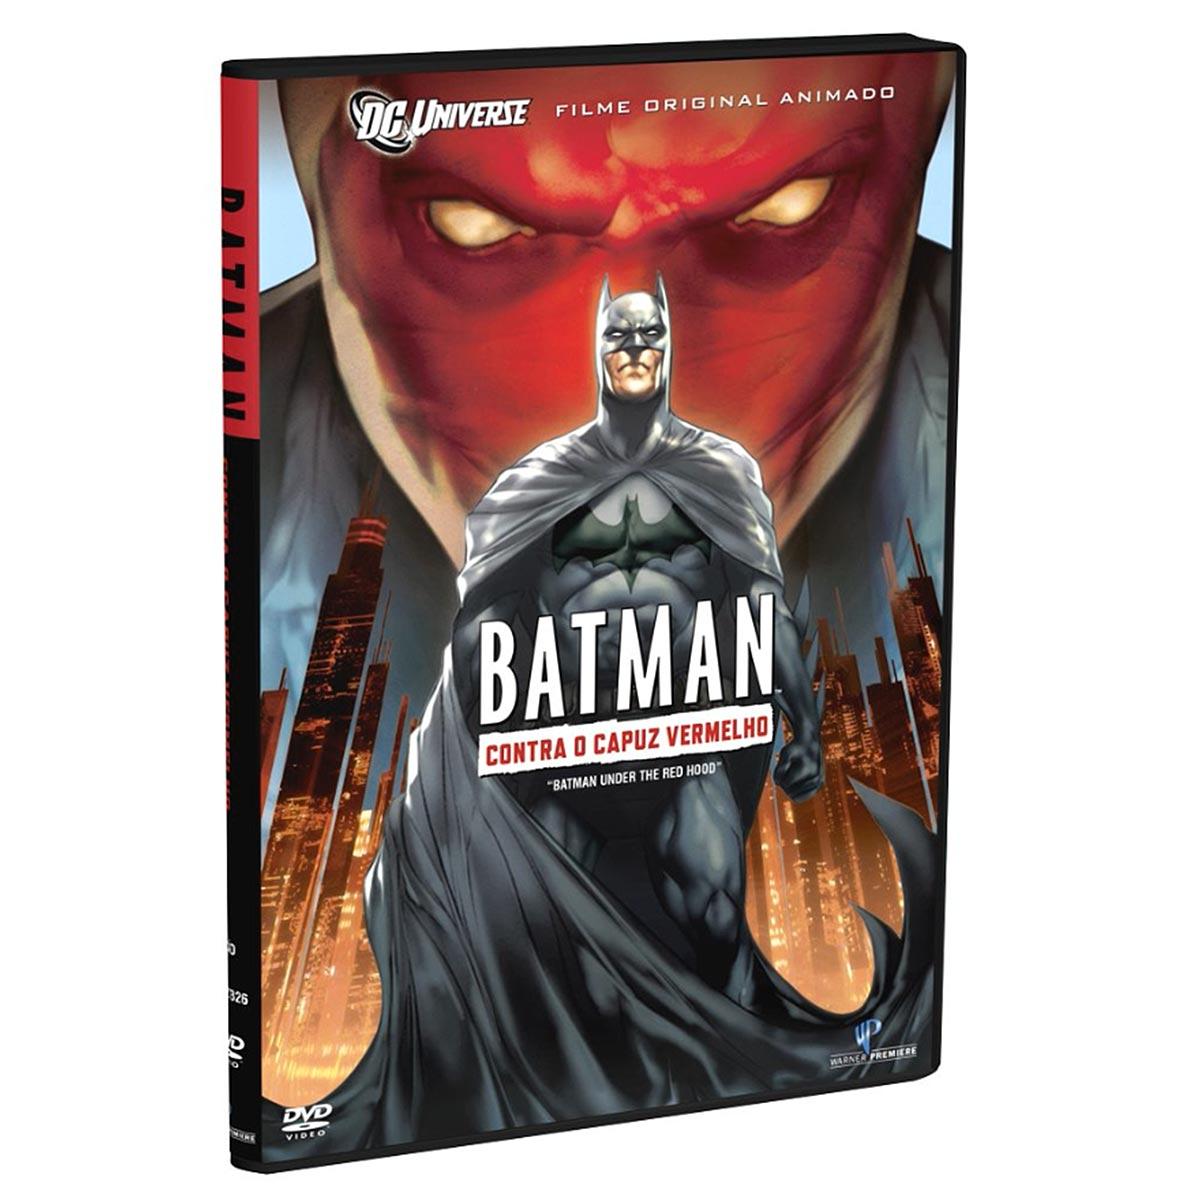 DVD Batman: Contra o Capuz Vermelho